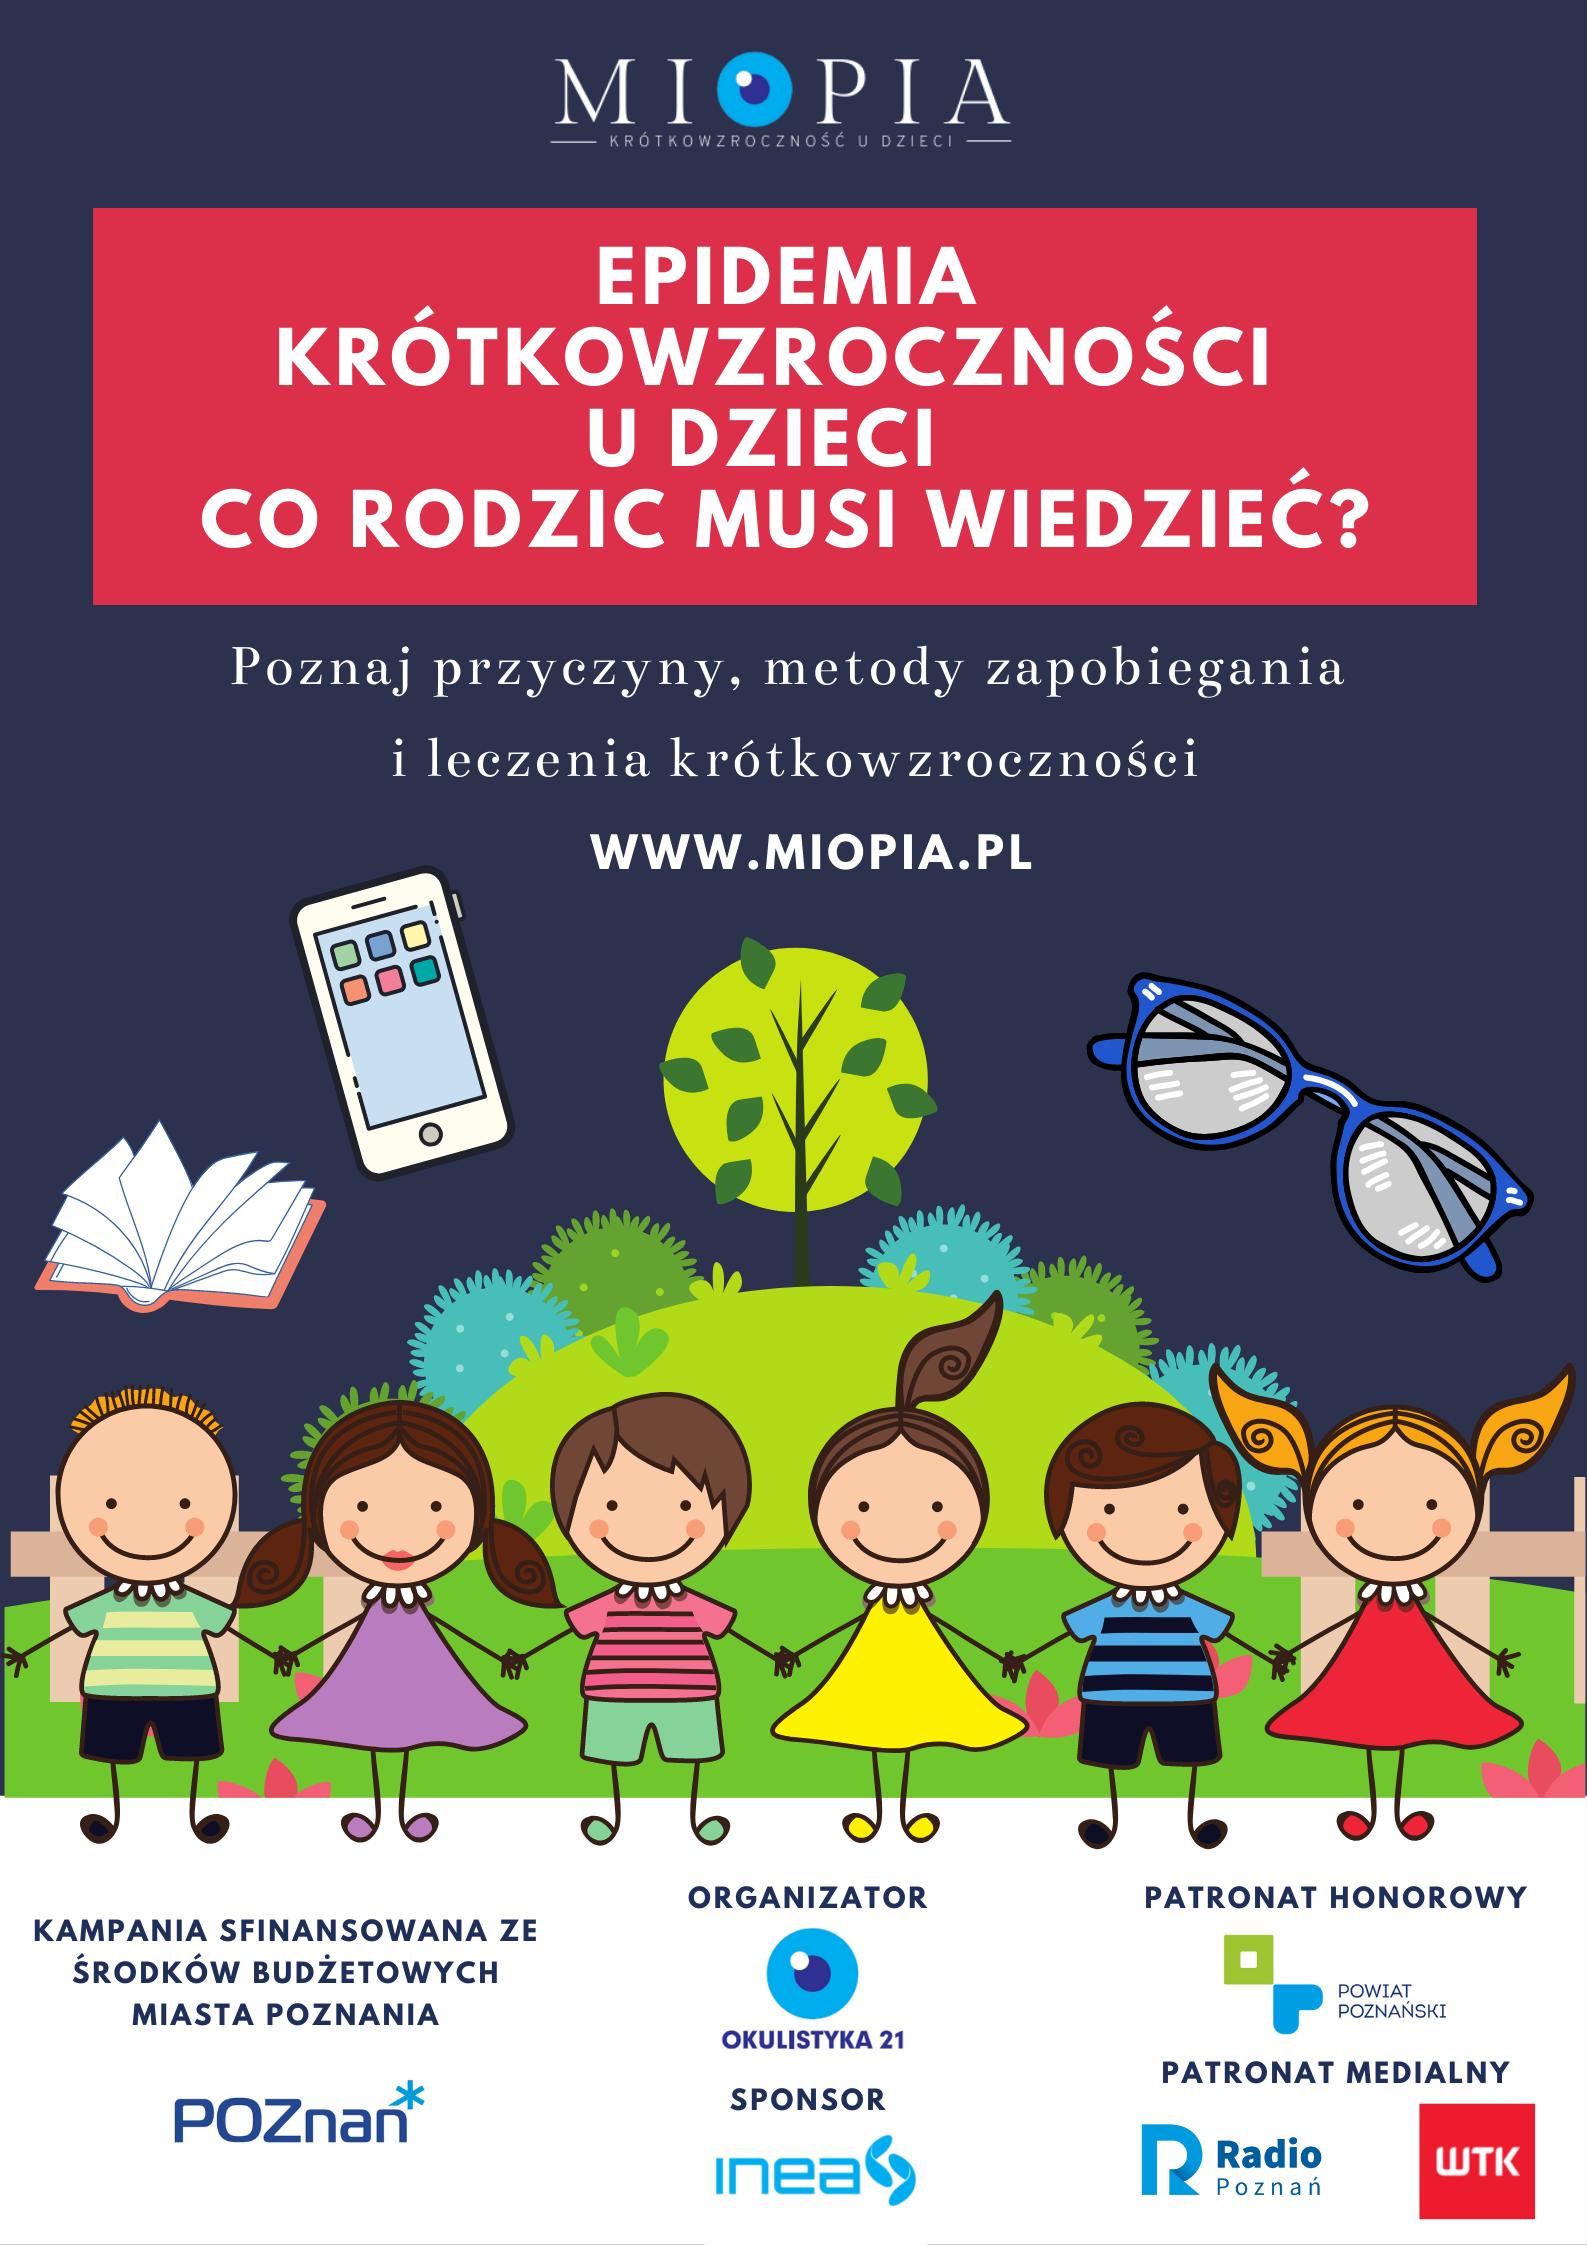 Kampania edukacyjna dot. krótkowzroczności